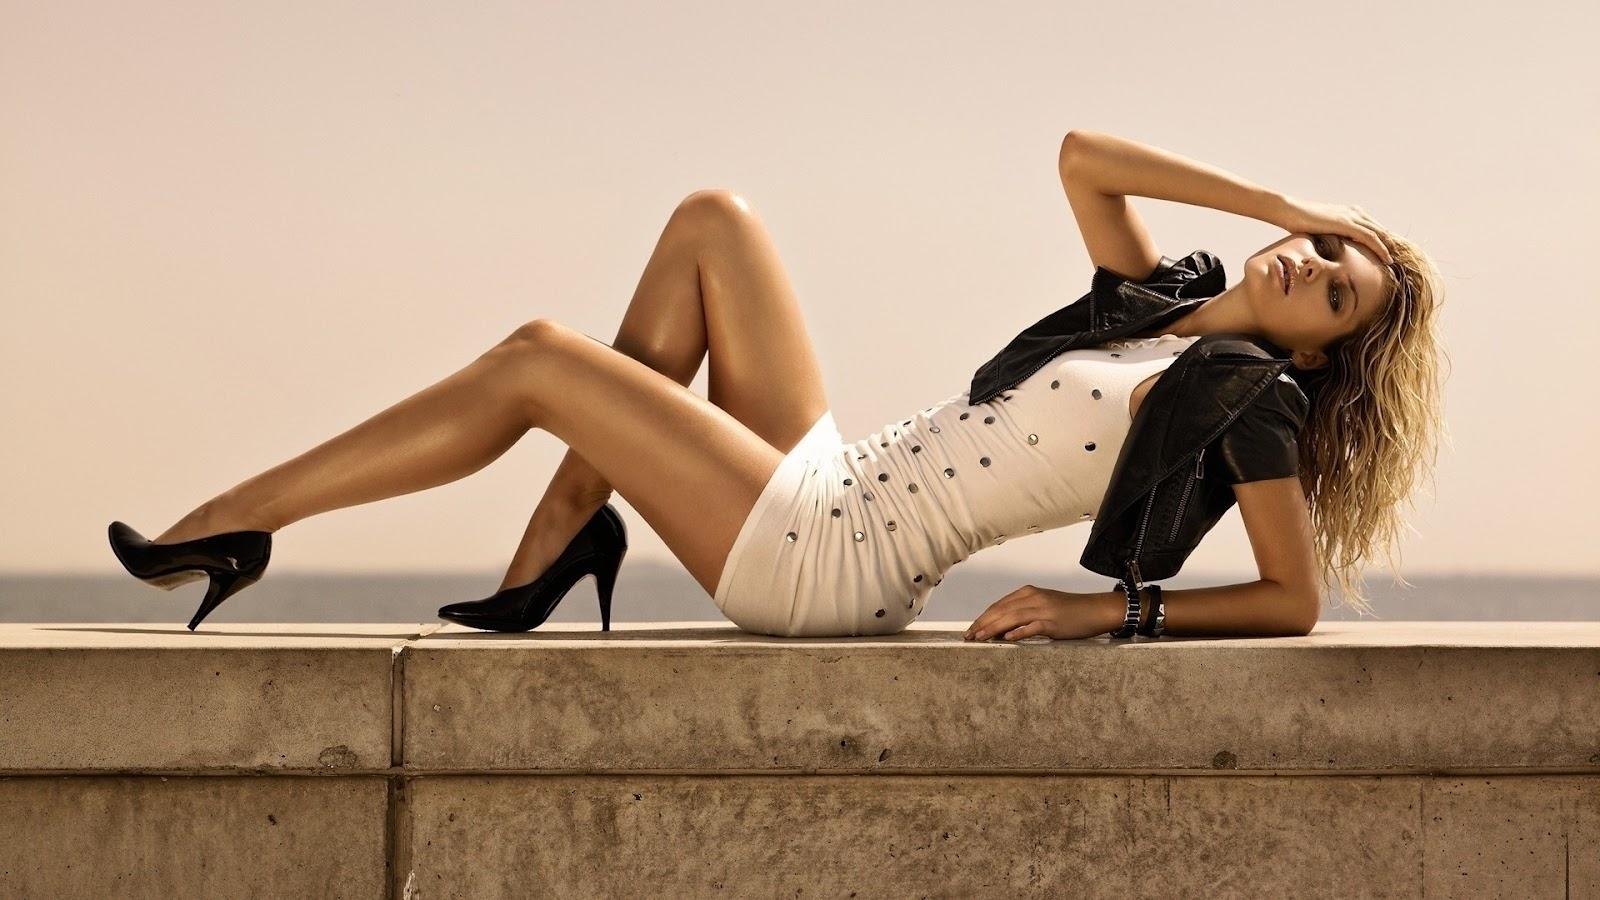 Самые красивые модели twistys на фото 19 фотография